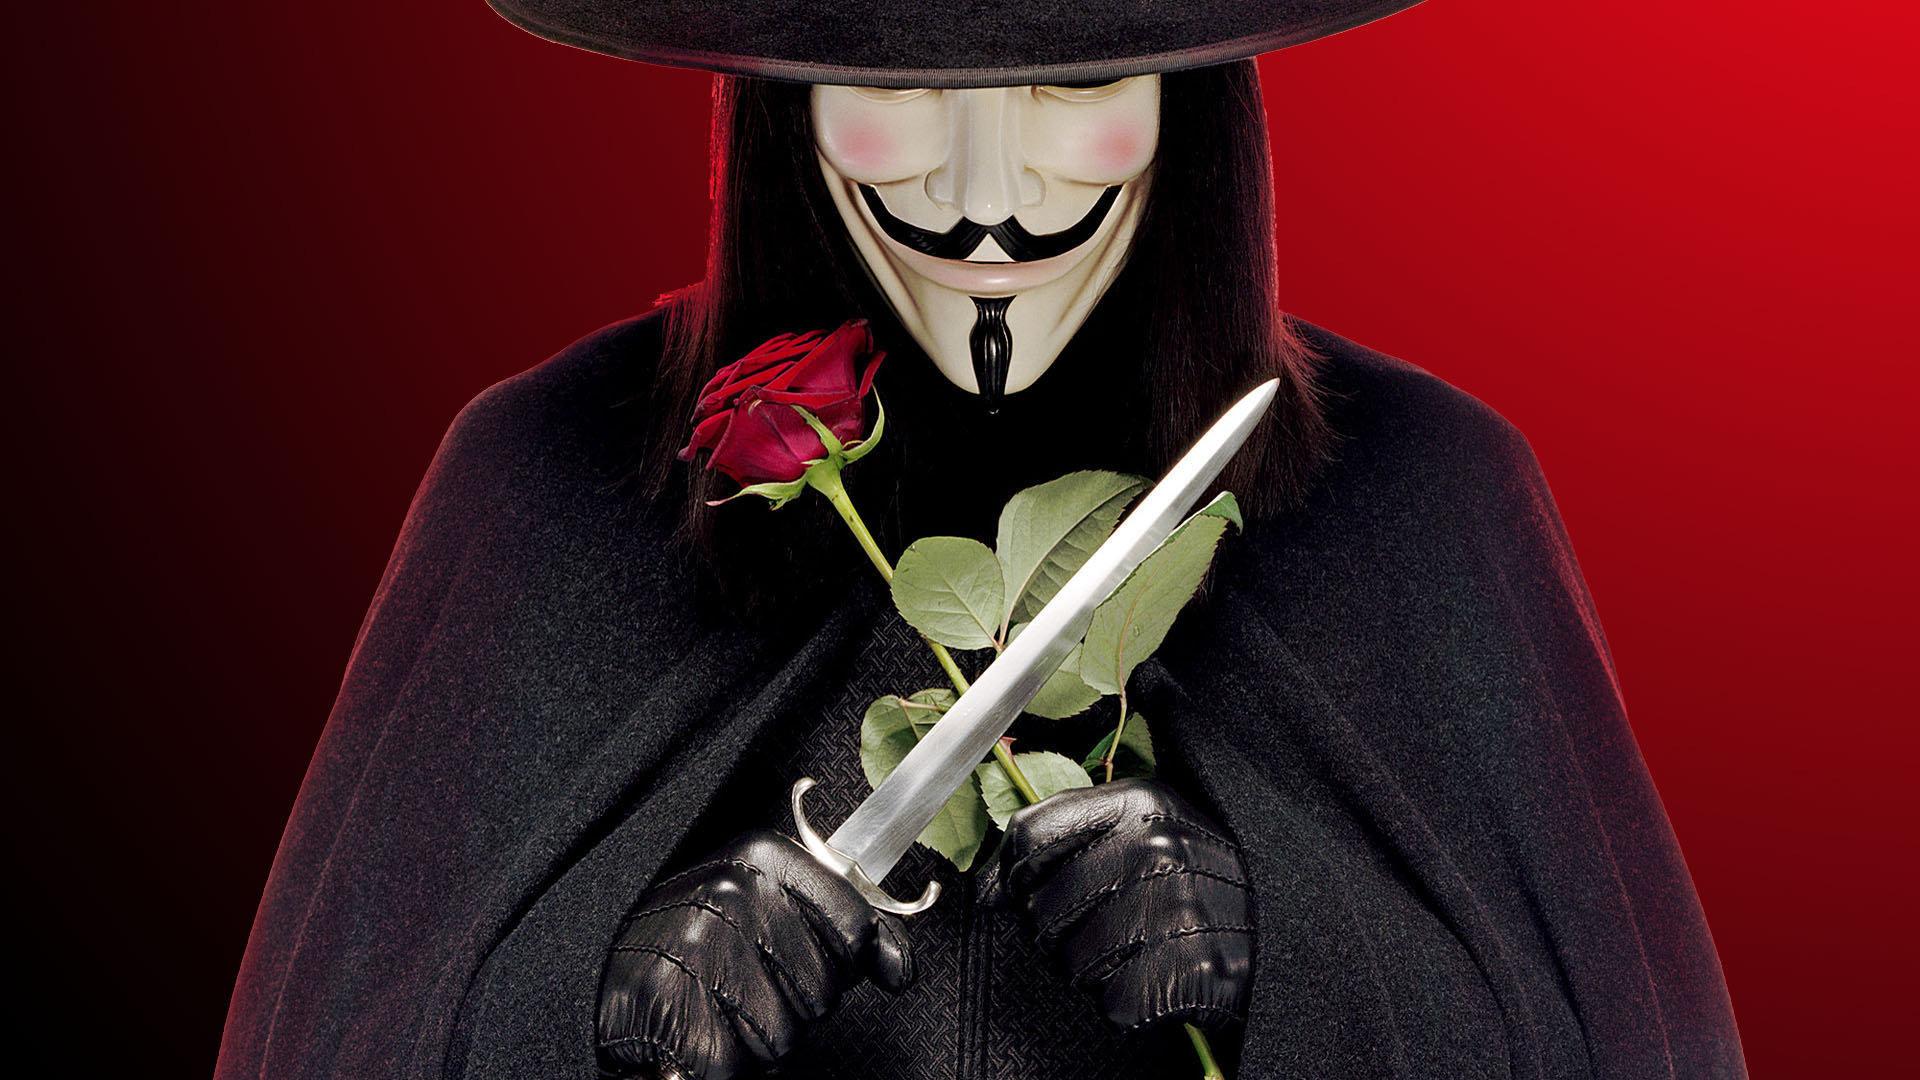 V For Vendetta Wallpapers 1920x1080 Full Hd 1080p Desktop